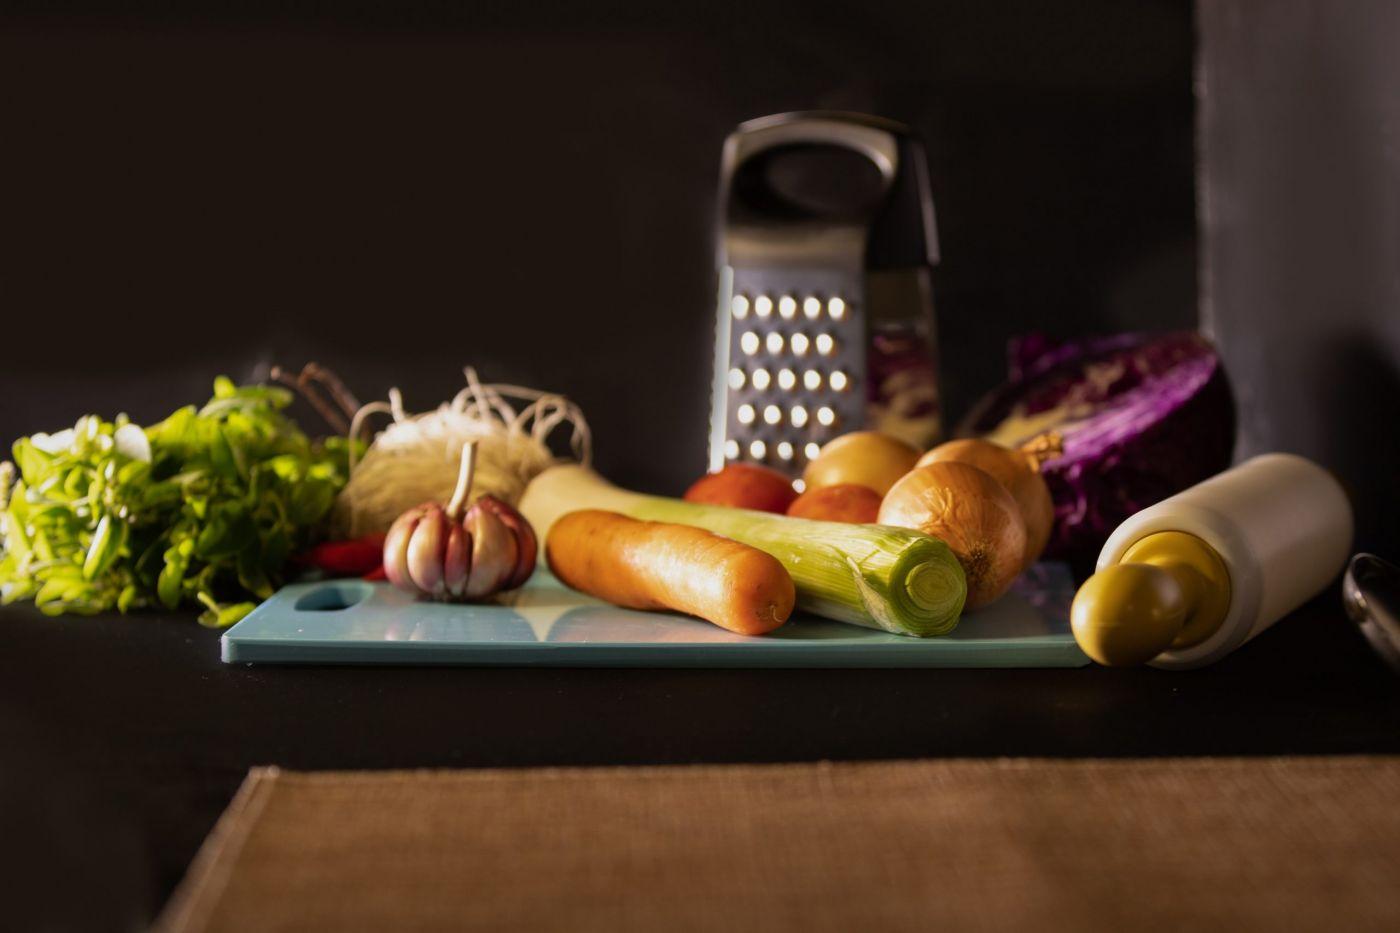 Italian kitchen utensils fresh handmade pasta